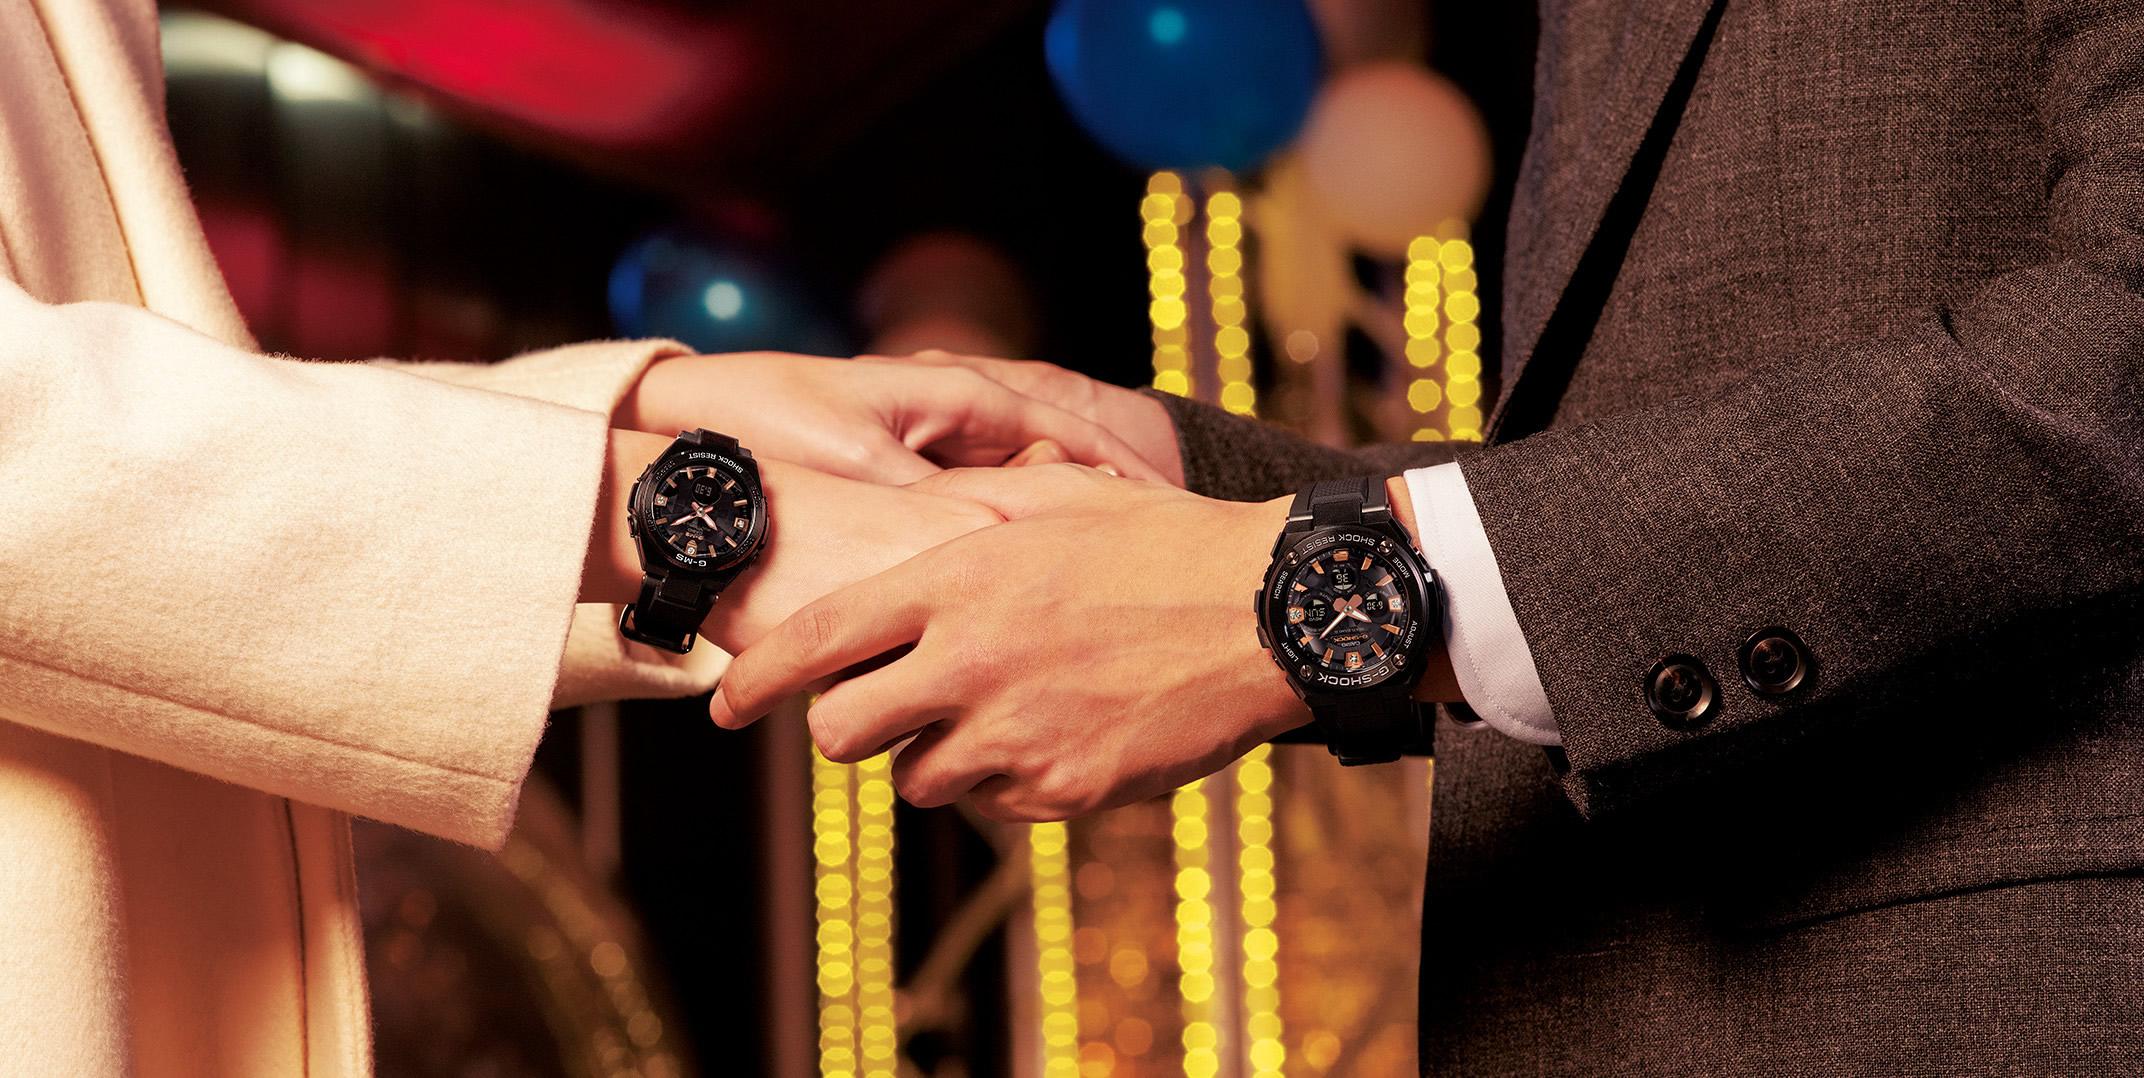 Pair Watches Baby G Shock Casio Ga 110fc 1adr